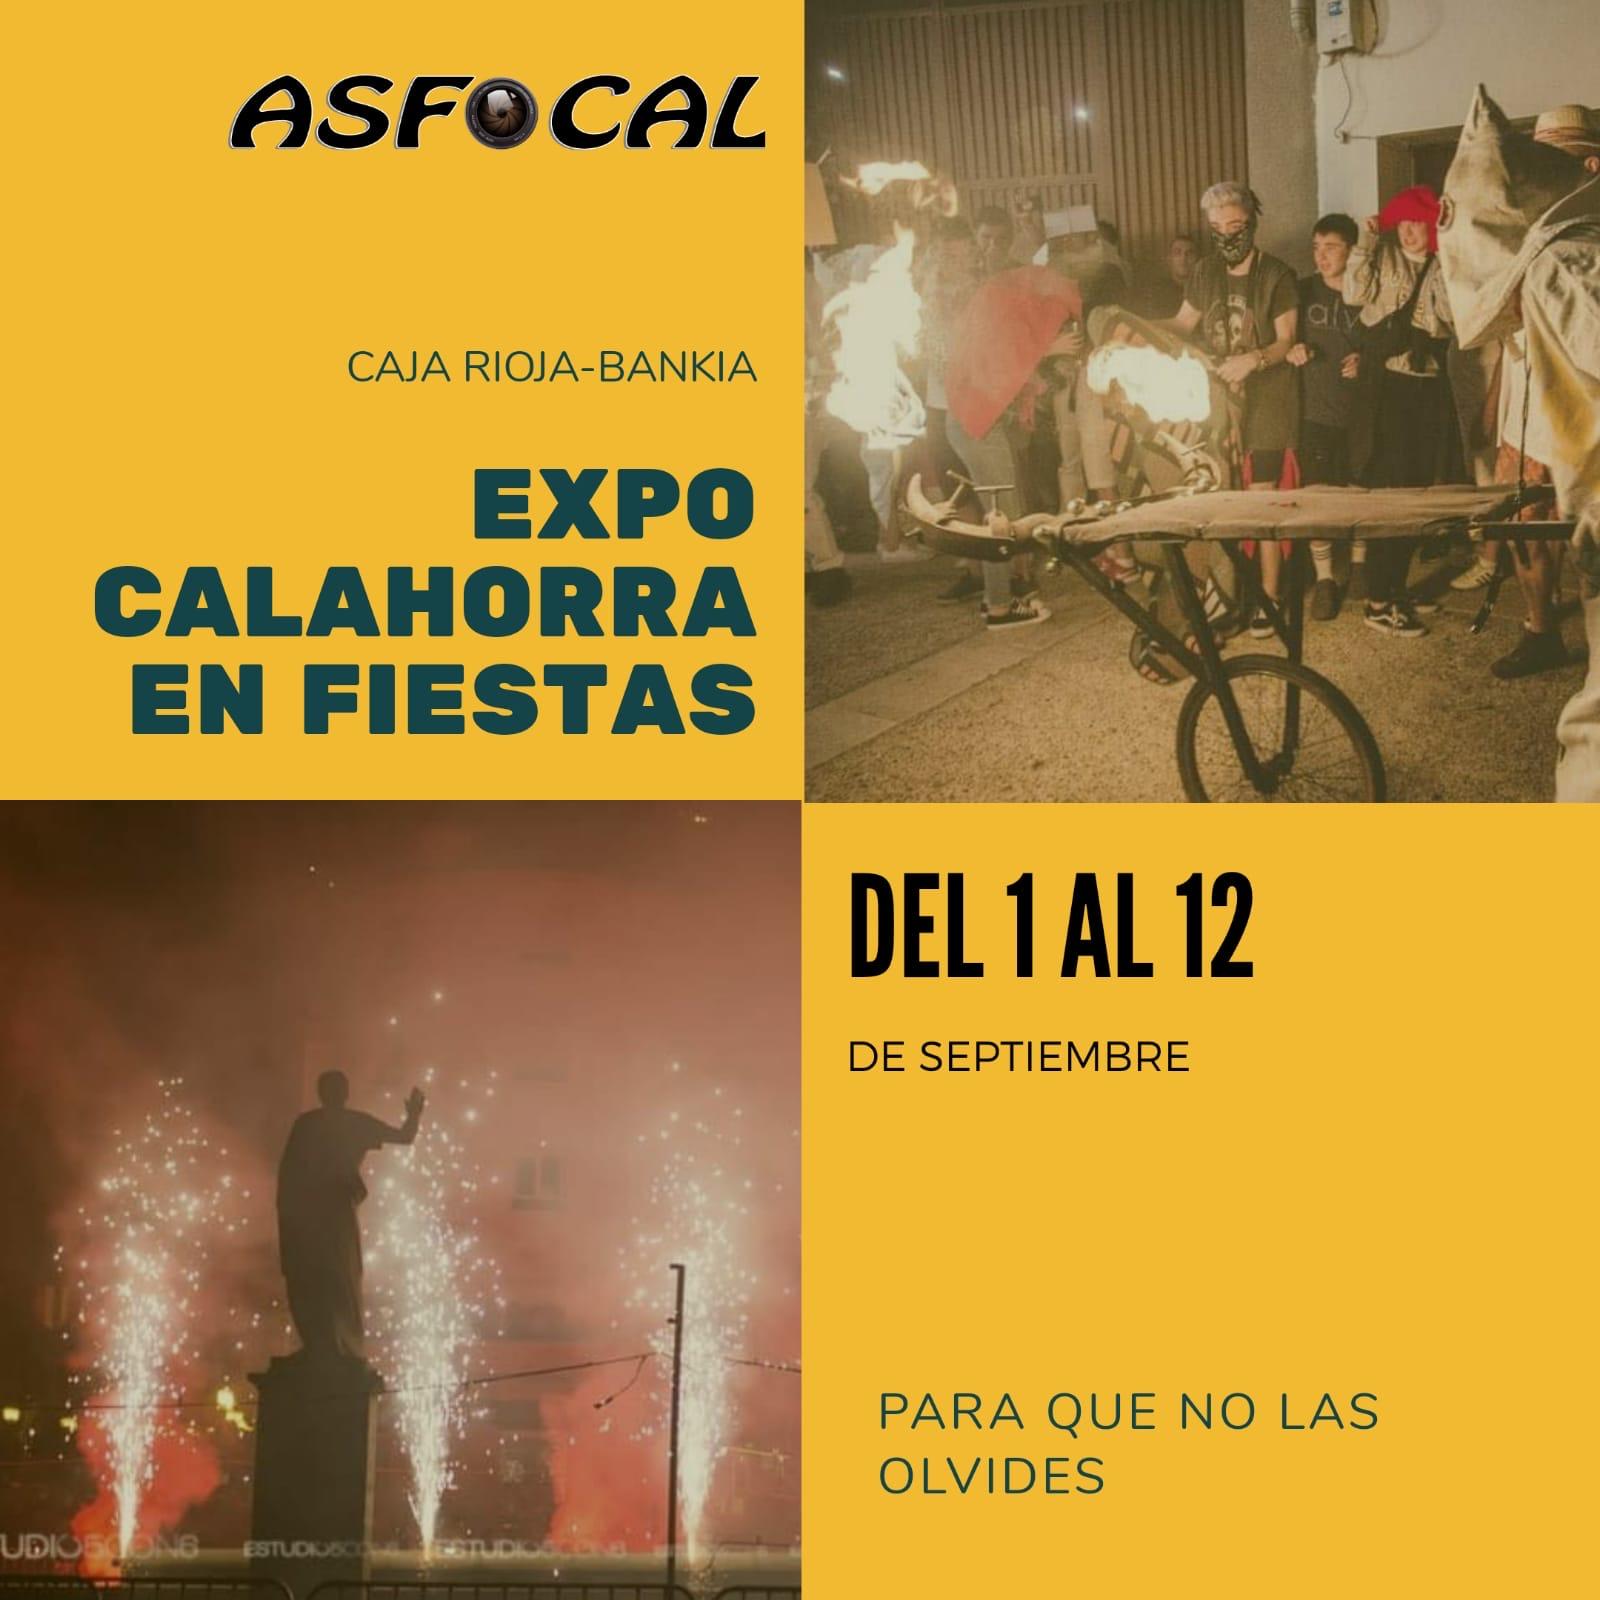 Exposición Fiestas